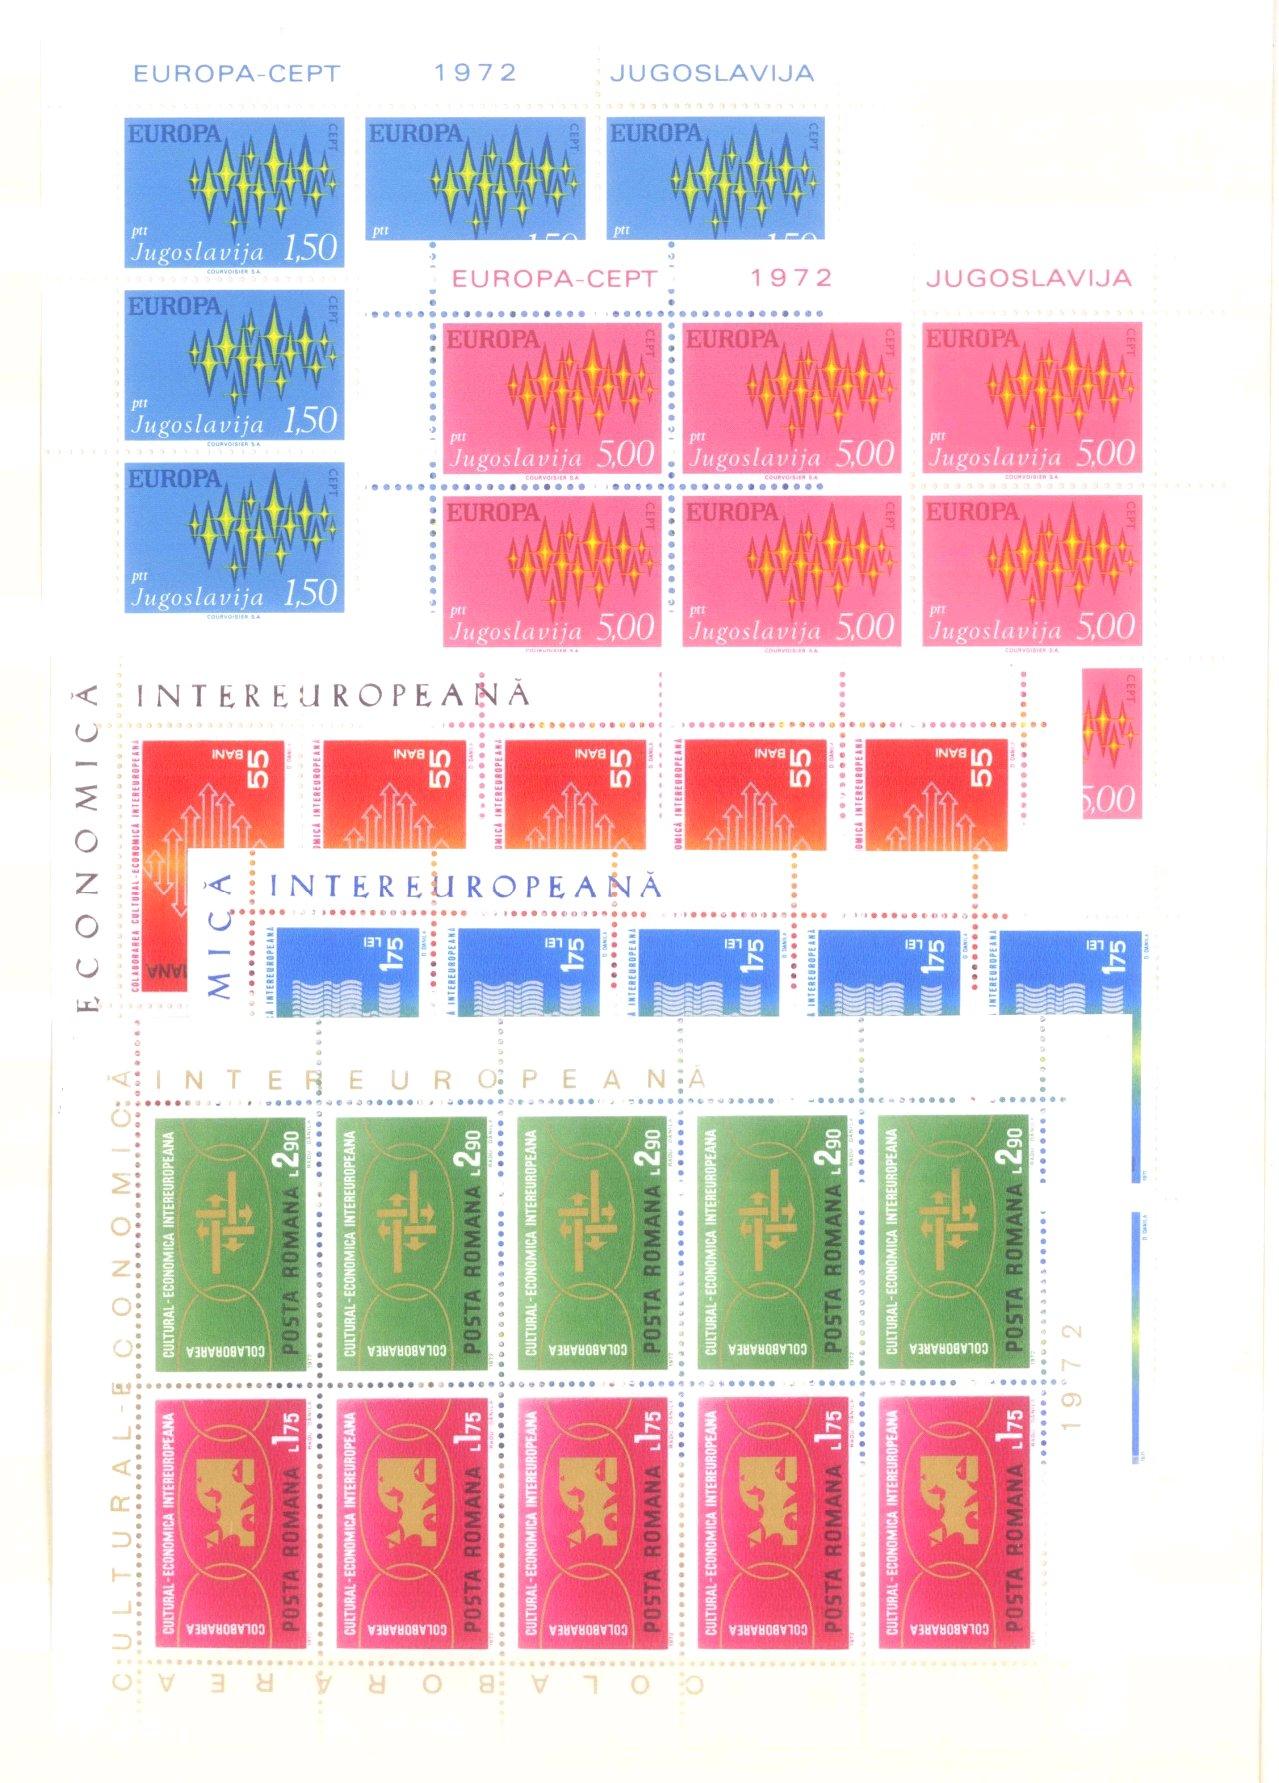 EURROPA CEPT mit SPANISCH – ANDORRA 1972-3